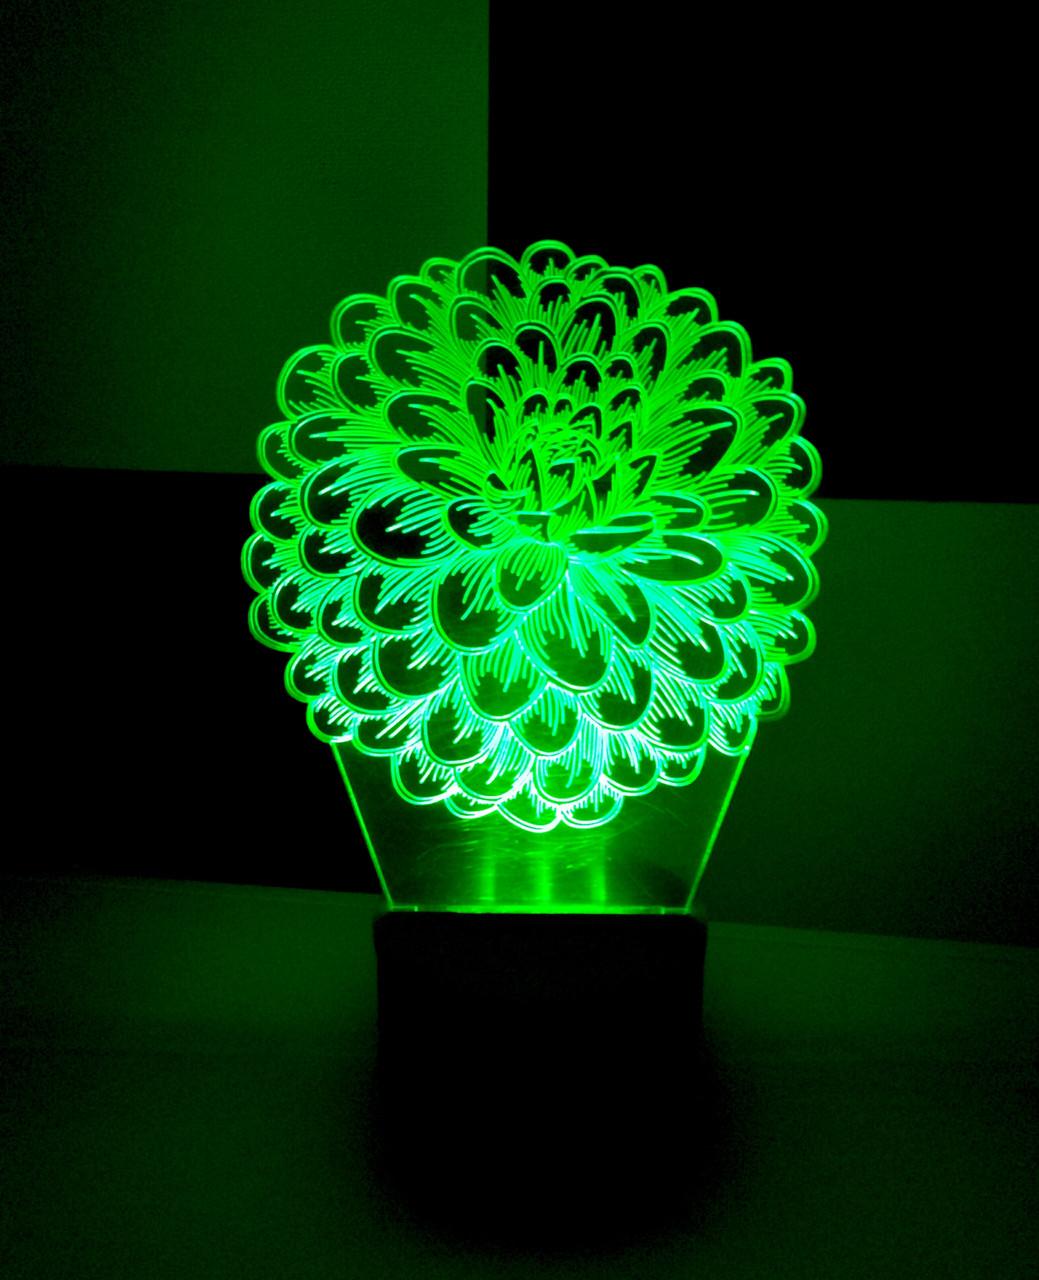 3d-светильник Цветок, 3д-ночник, несколько подсветок (батарейка+220В), оригинальный подарок женщине